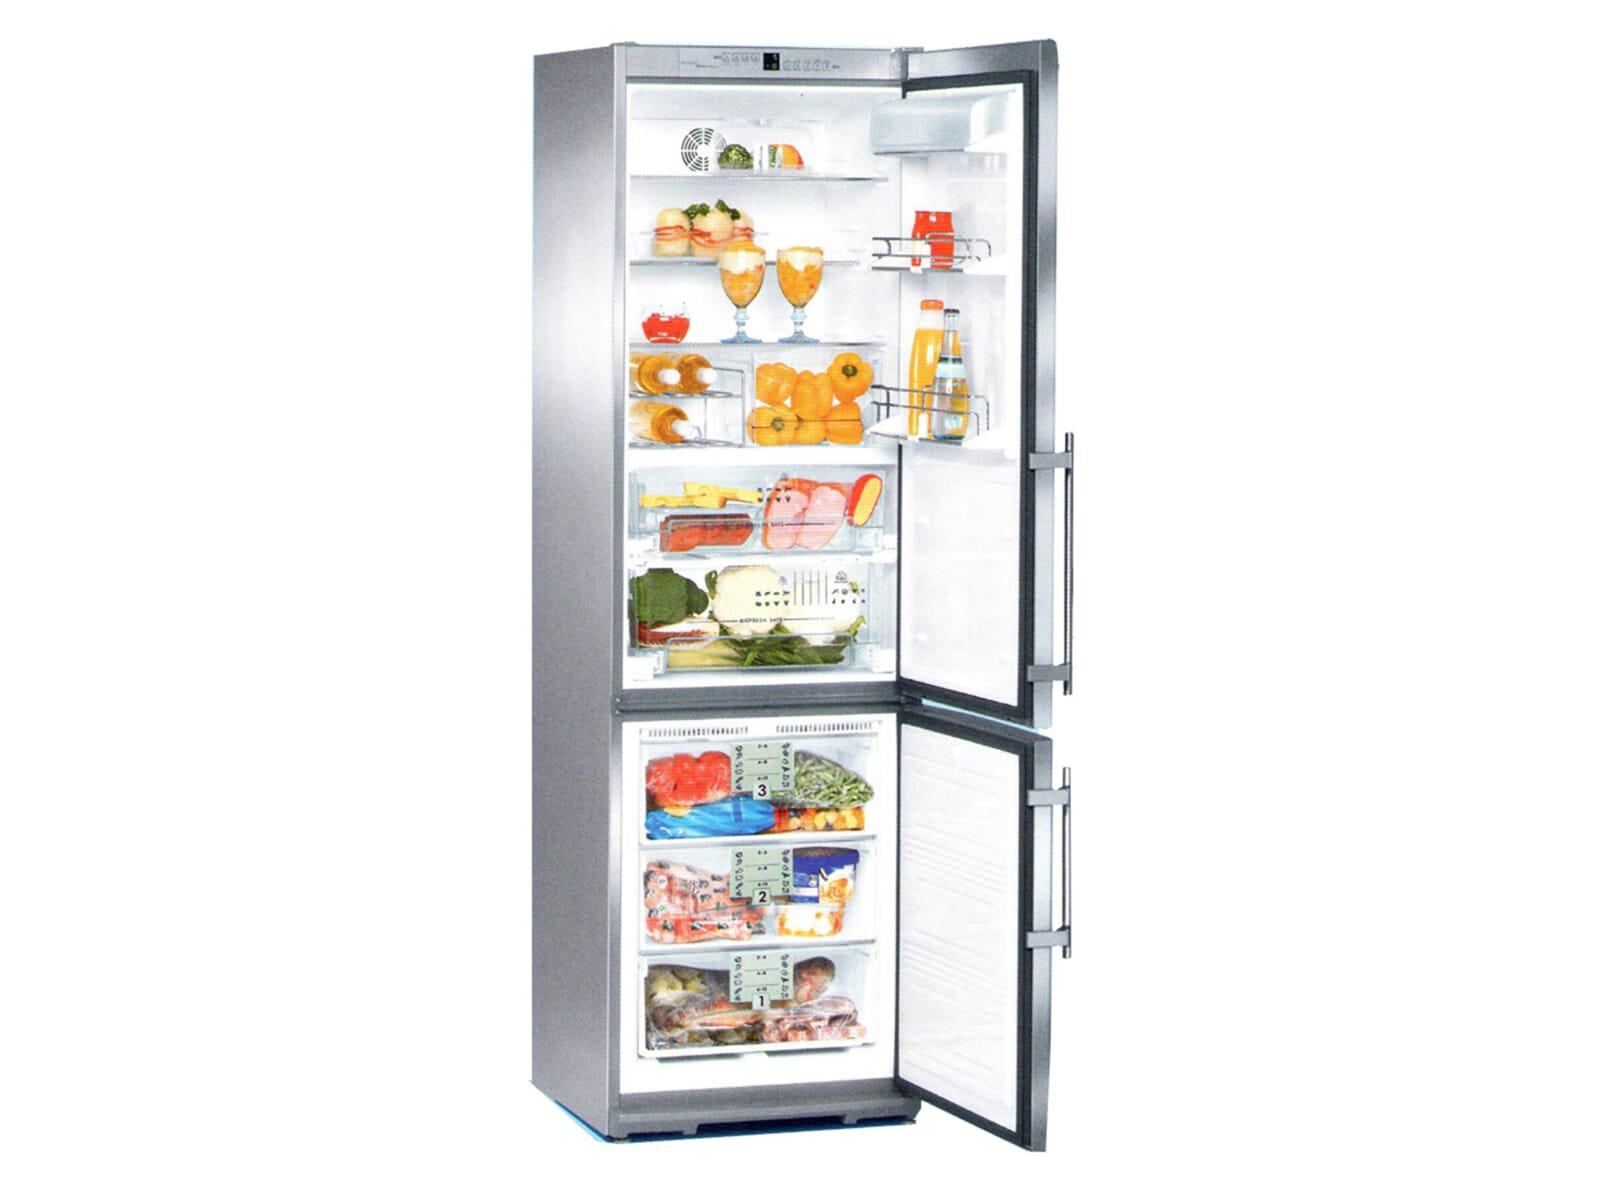 Liebherr CBNes3856 Premium Stand Kühl-Gefrier-Kombination, Edelstahl, Energieeffizienzklasse B, SwingLine-Design, EEK: B